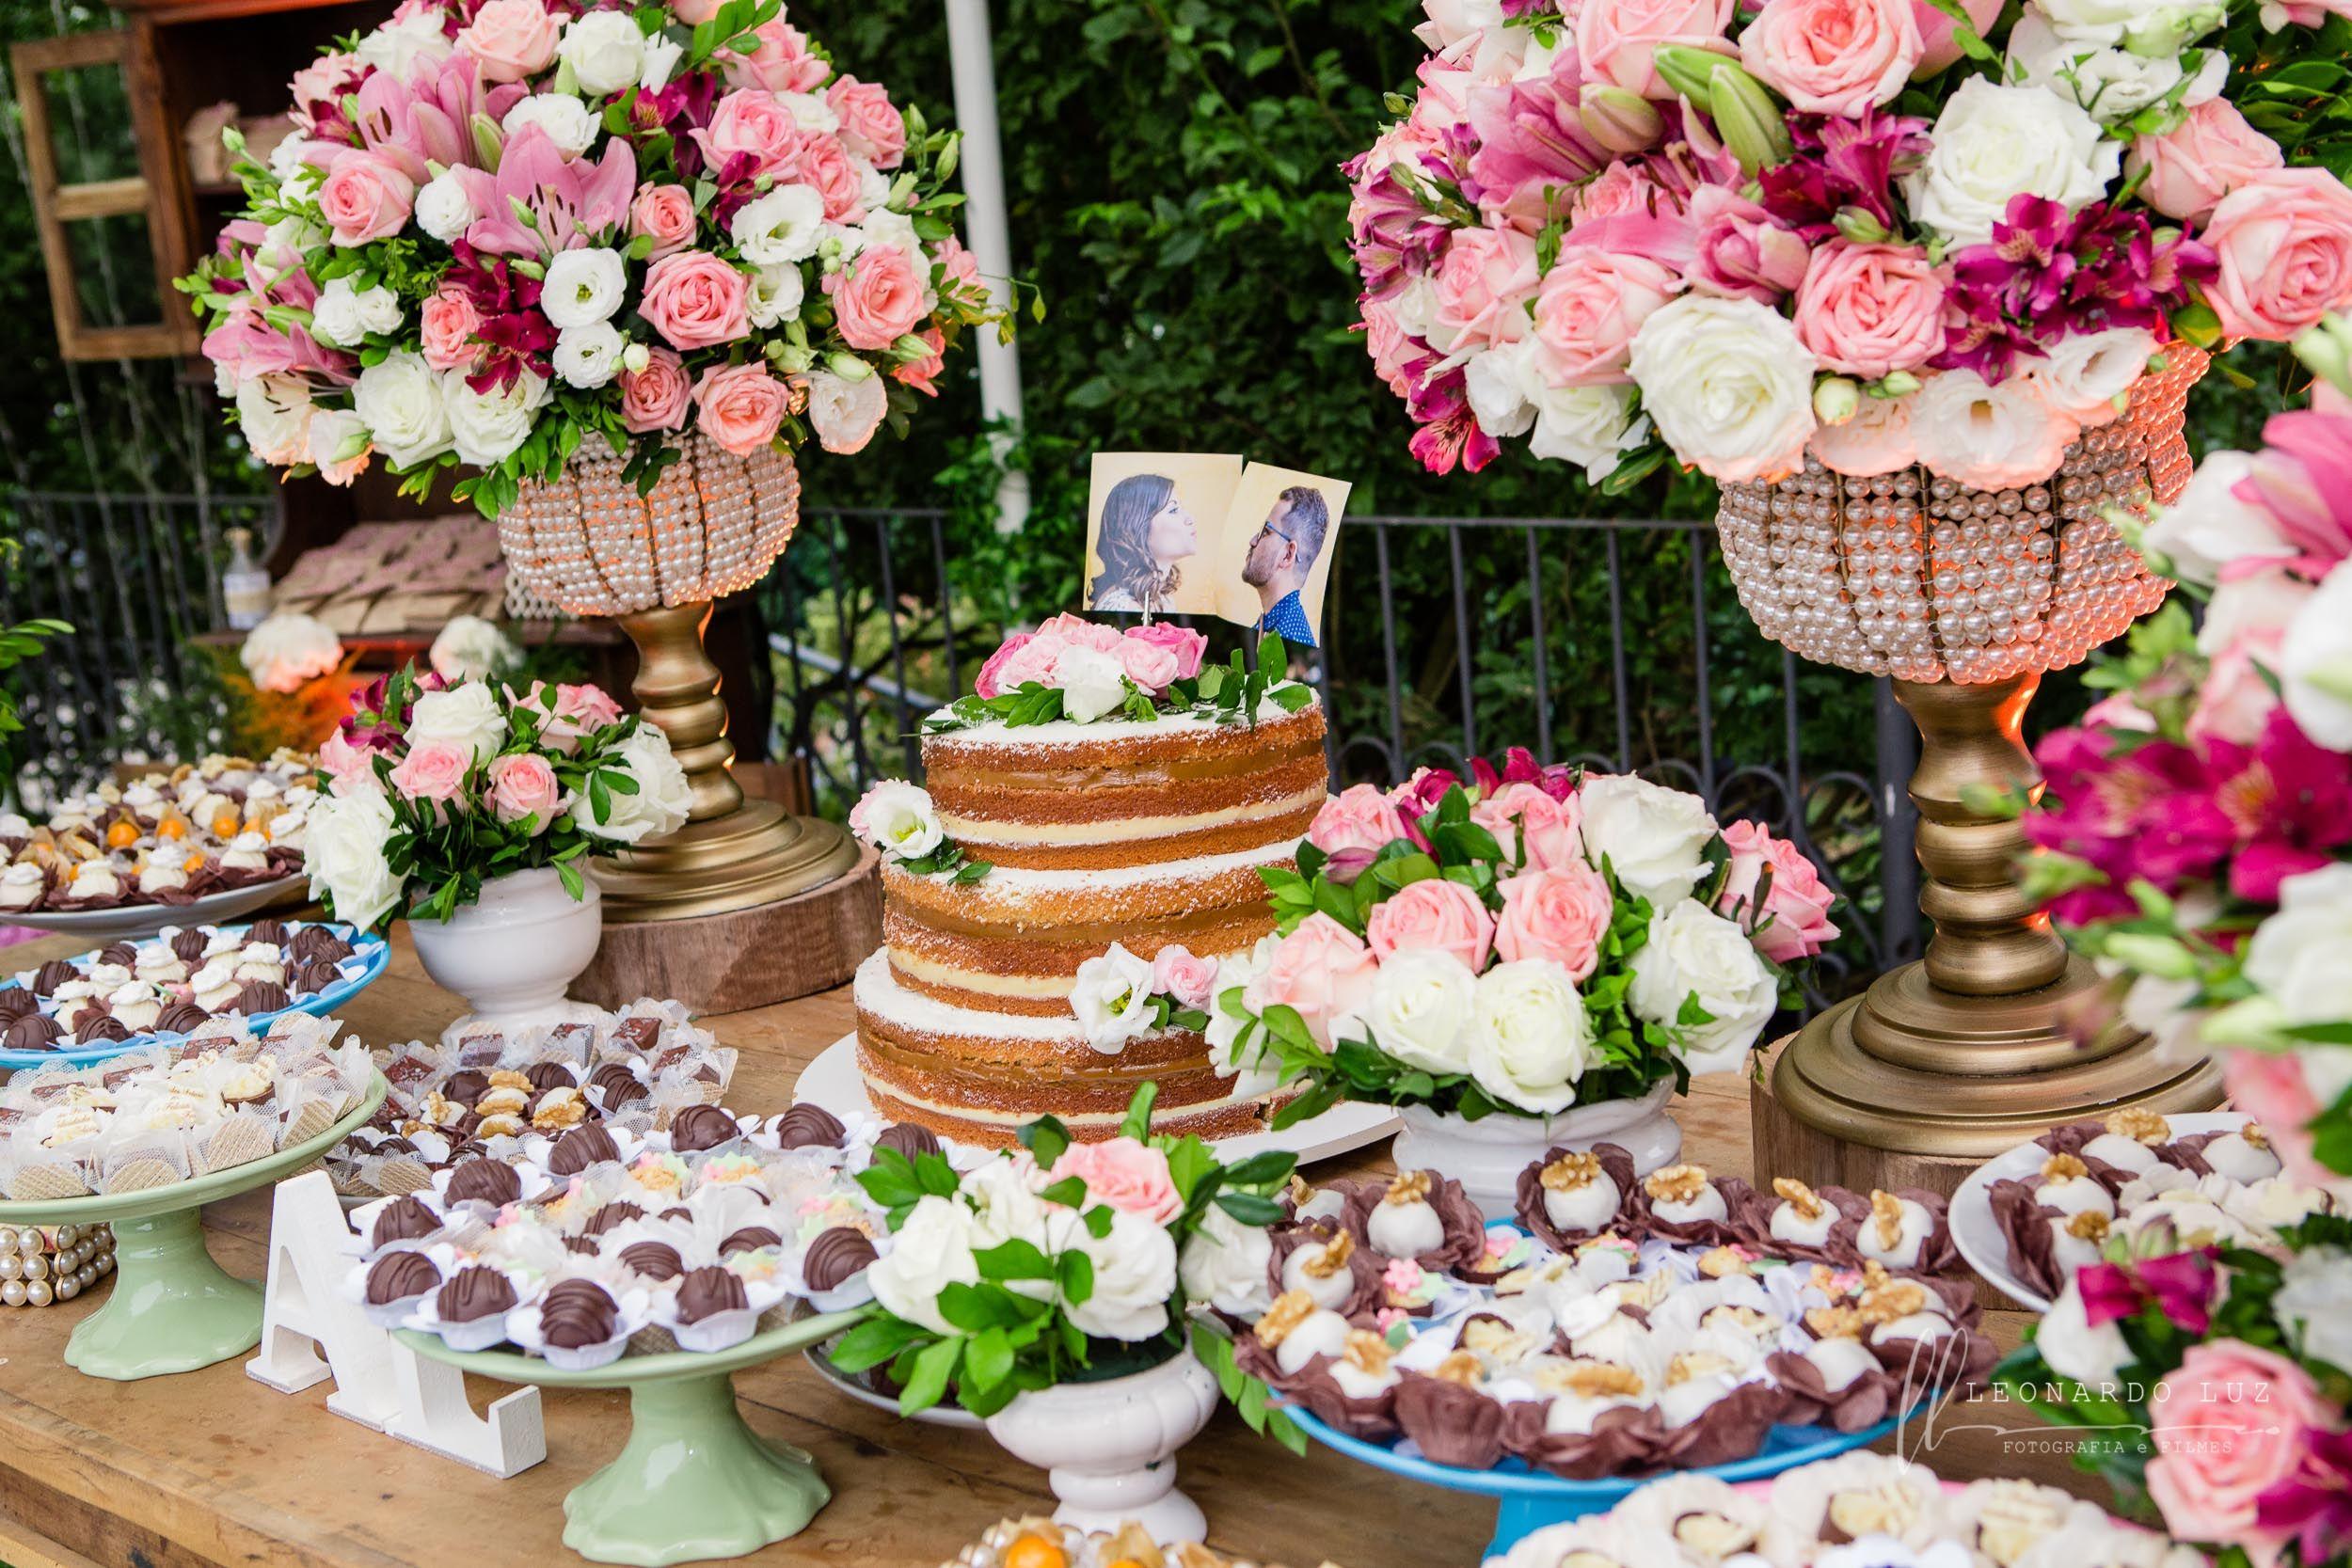 Decoraç u00e3o mesa bolo Mesa bolo Casamento rustico Mesa rustica Arranjos cor de rosa Decoraç u00e3o  # Decoração De Bolo Com Flor Natural